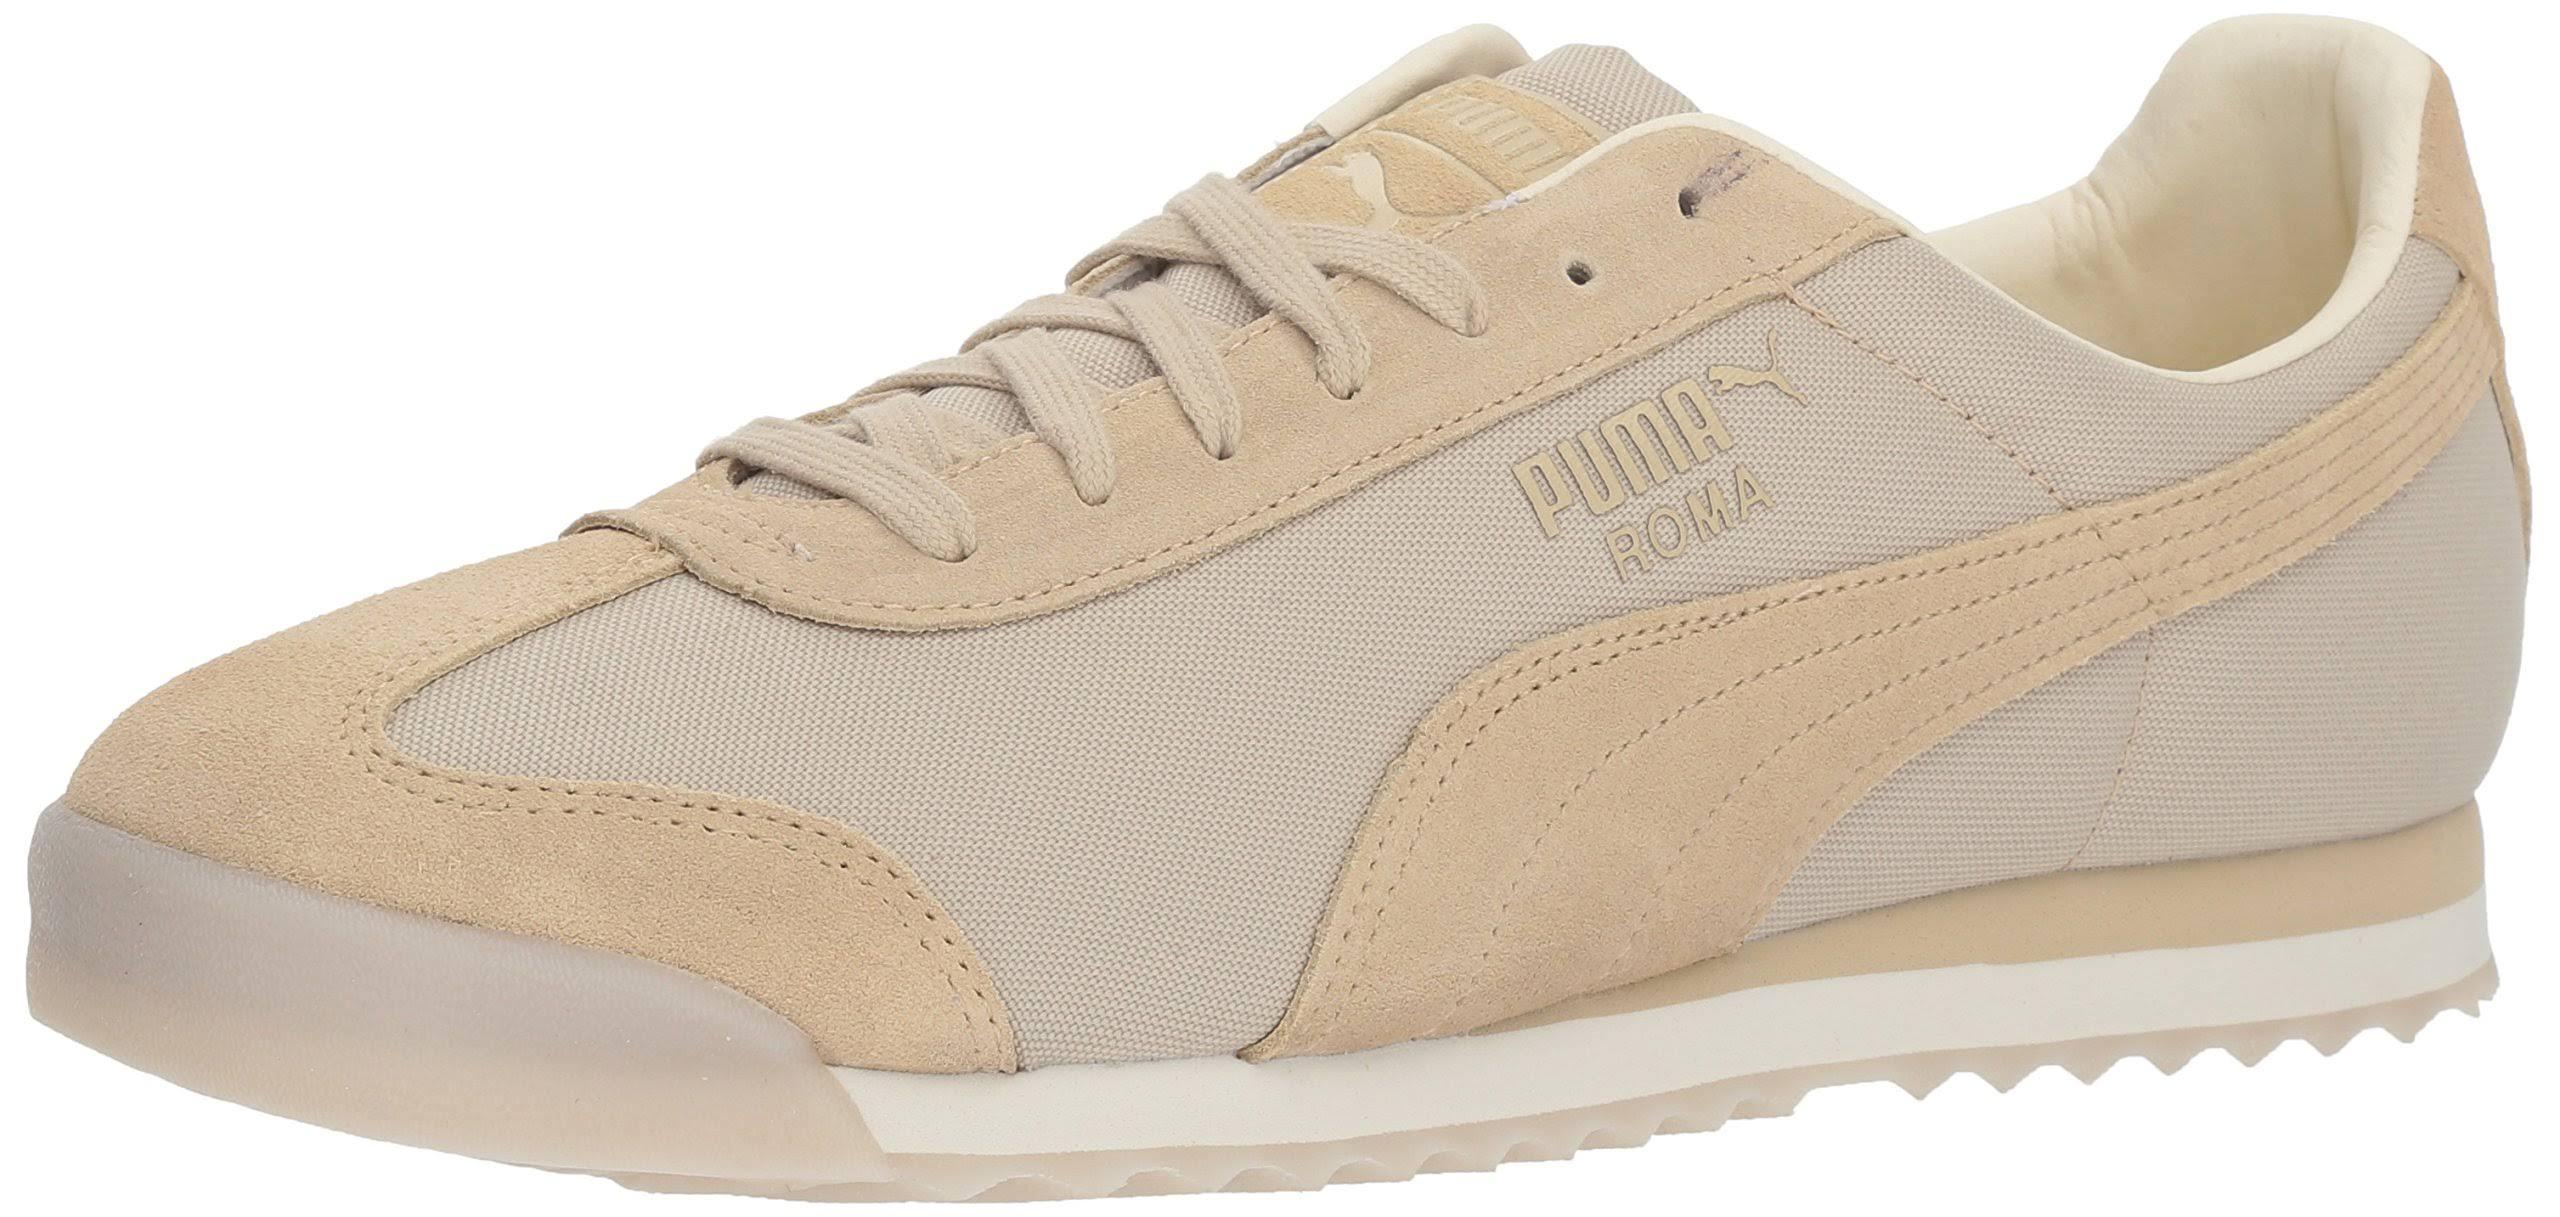 Beige D Roma Blanco 8 365438 Puma Para De Zapatos Hombre Verano m Susurro 04 Guijarro Nosotros wq7XZag